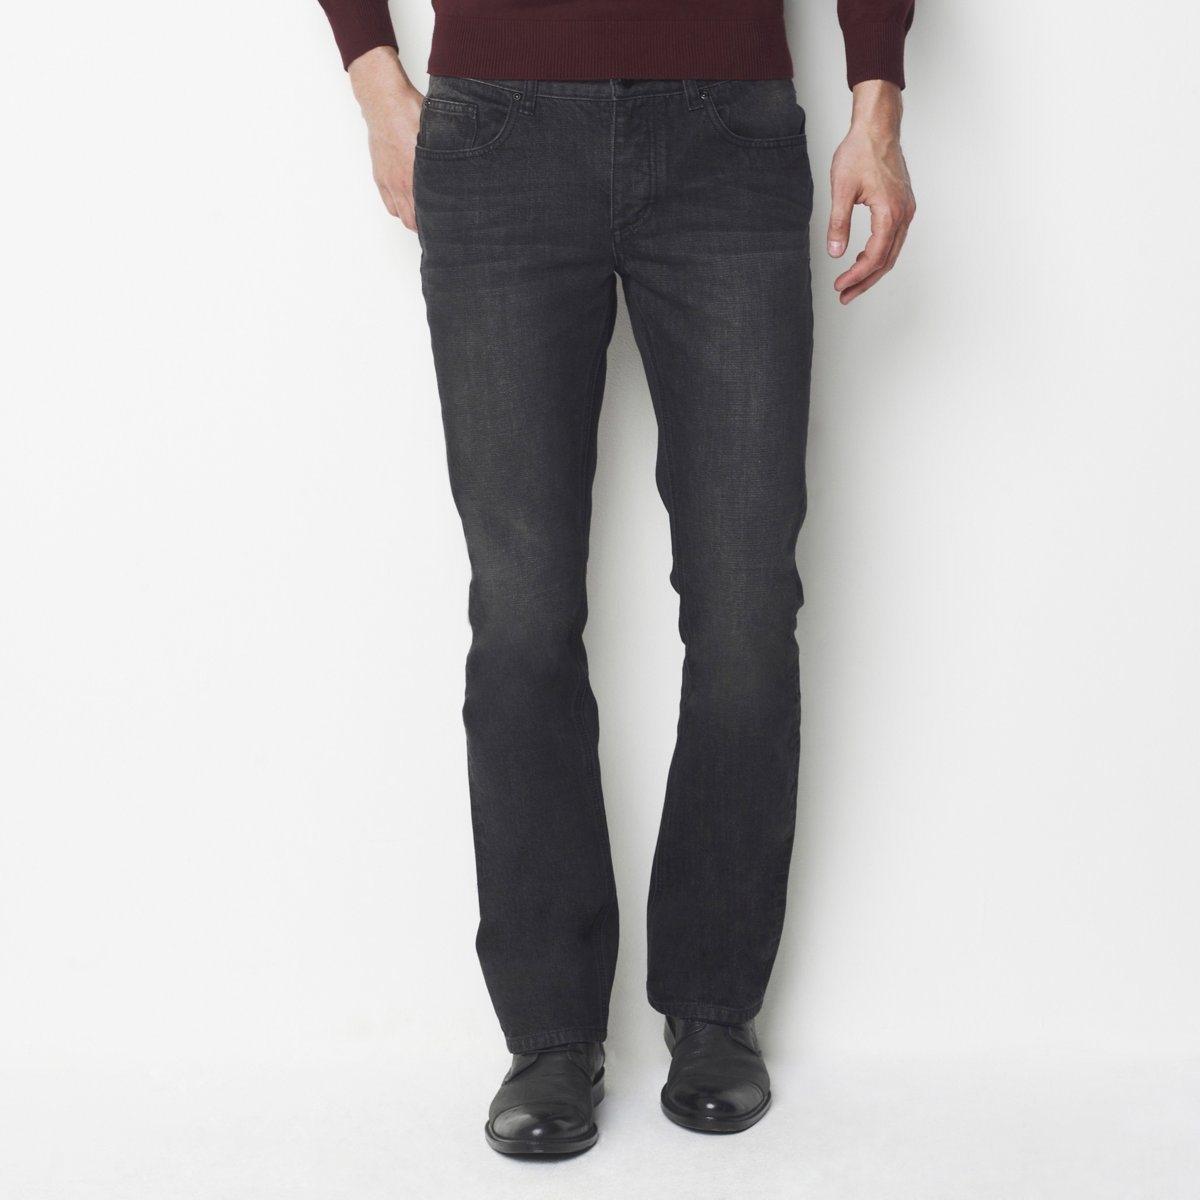 Джинсы буткат, длина 34 джинсы расклешенные длина 34